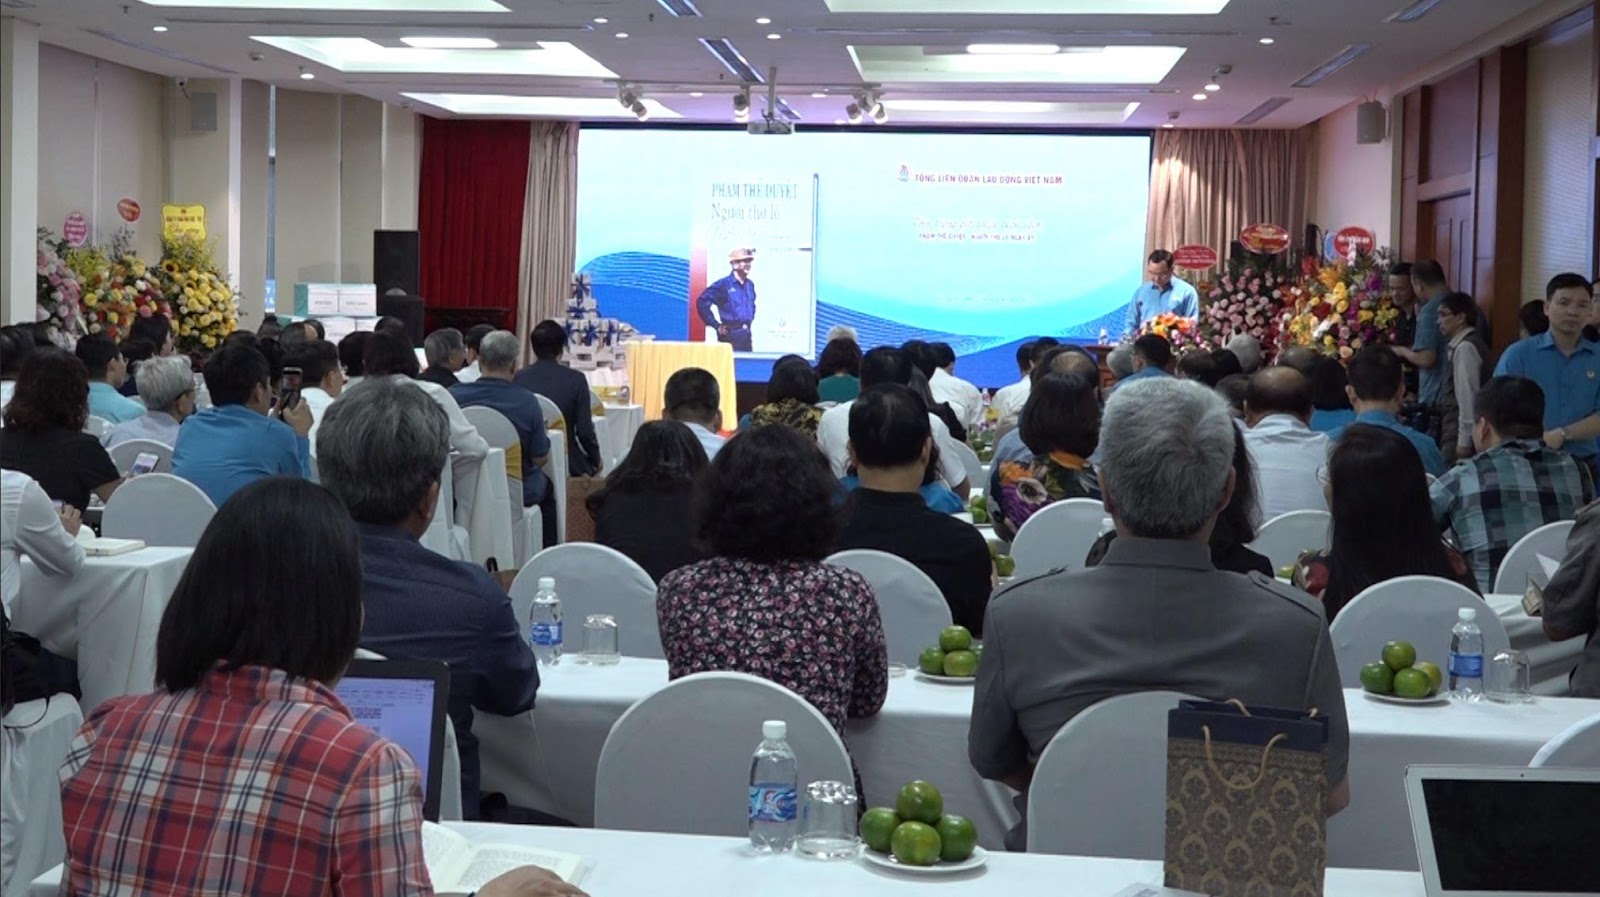 Lãnh đạo Tập đoàn chúc mừng đồng chí Phạm Thế Duyệt tại Lễ ra mắt cuốn sách Phạm Thế Duyệt - Người thợ lò ngày ấy